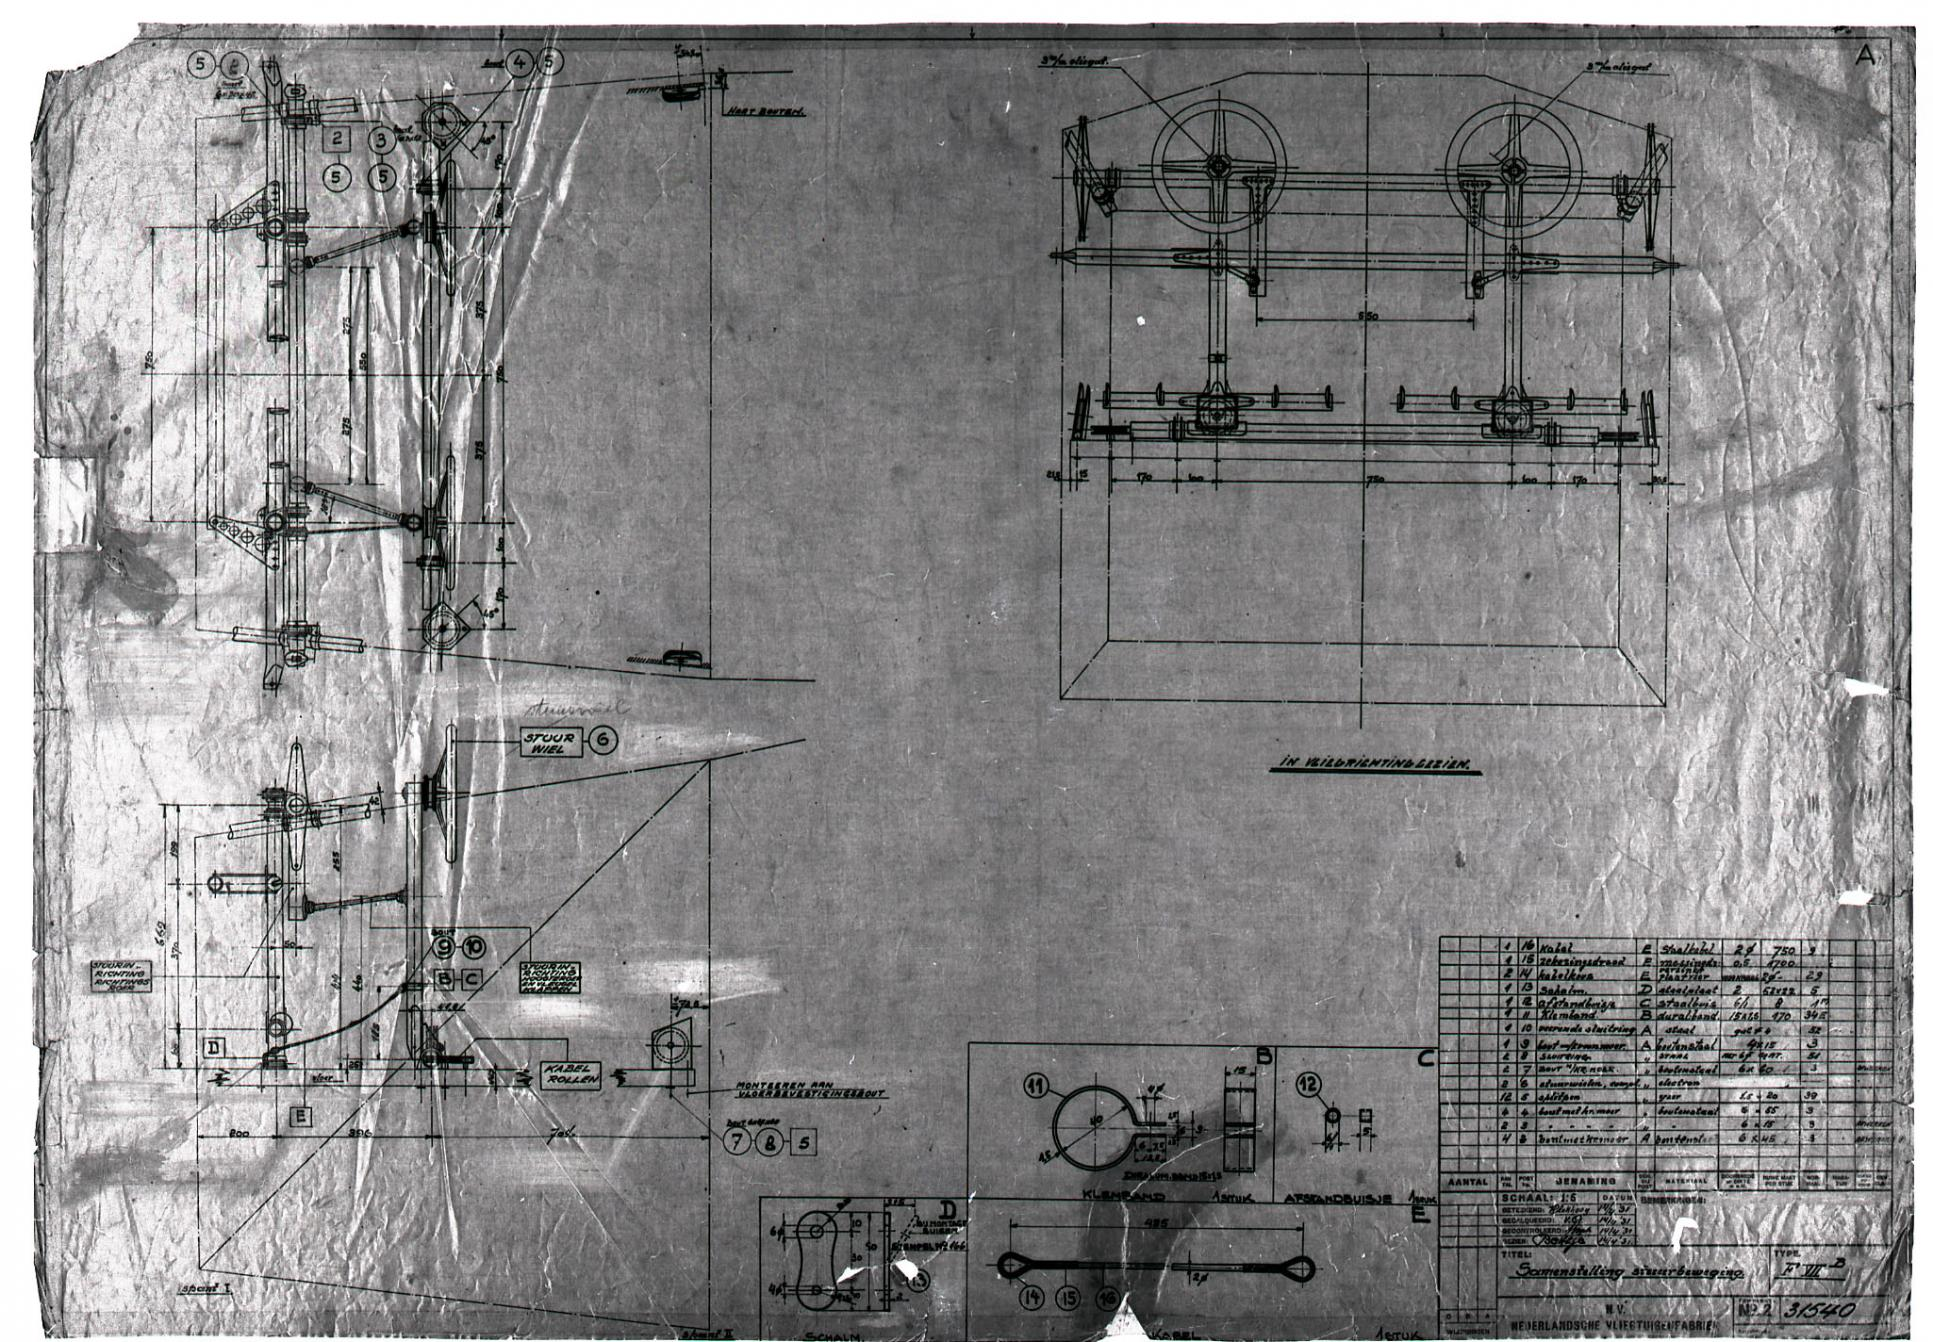 Naam: Fokker F7b stuurbeweging.jpg Bekeken: 327 Grootte: 491,9 KB